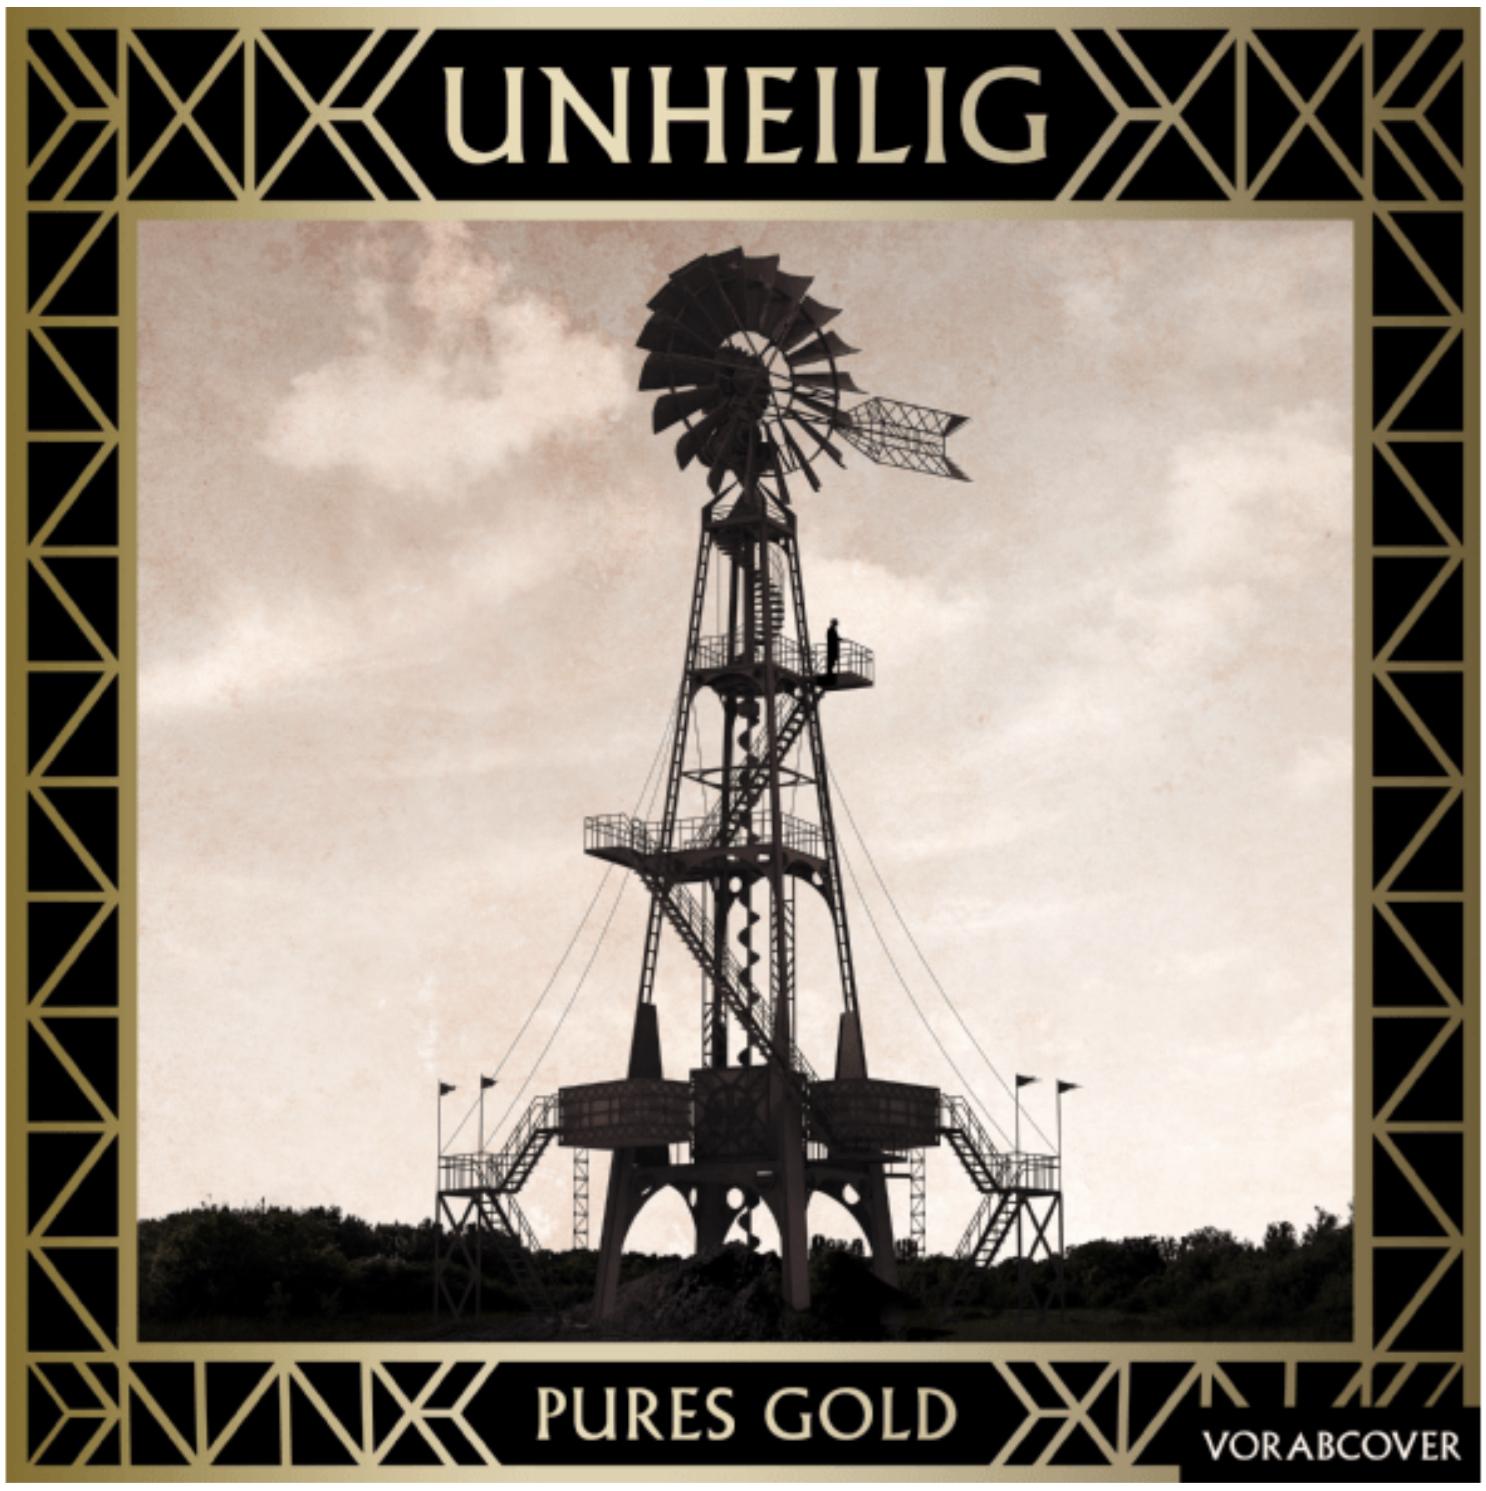 [Media Markt App] Unheilig - Best Of Vol.2 - Pures Gold [CD] für 2 Euro bei Abholung im Markt